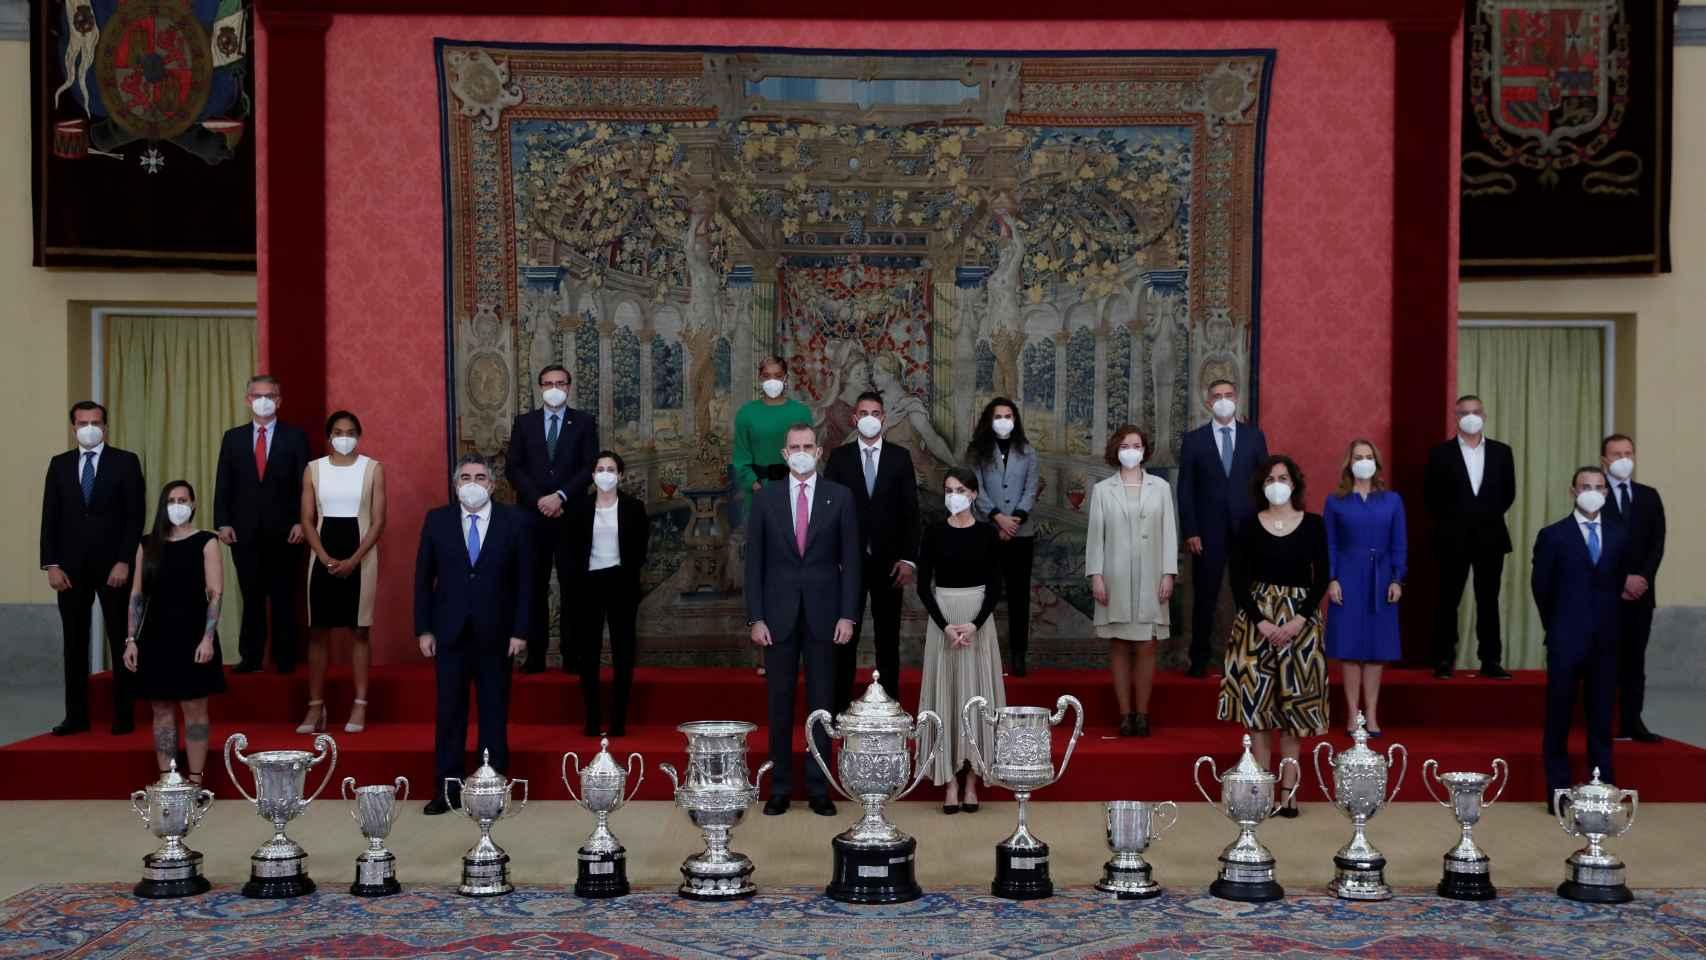 Los reyes Felipe y Leticia, junto con el ministro de Deportes, José Manuel Rodríguez Uribes, y la secretaria de Estado para el Deporte, Irene Lozano, posan con los galardonados durante el acto de entrega de los Premios Nacionales del Deporte 2018